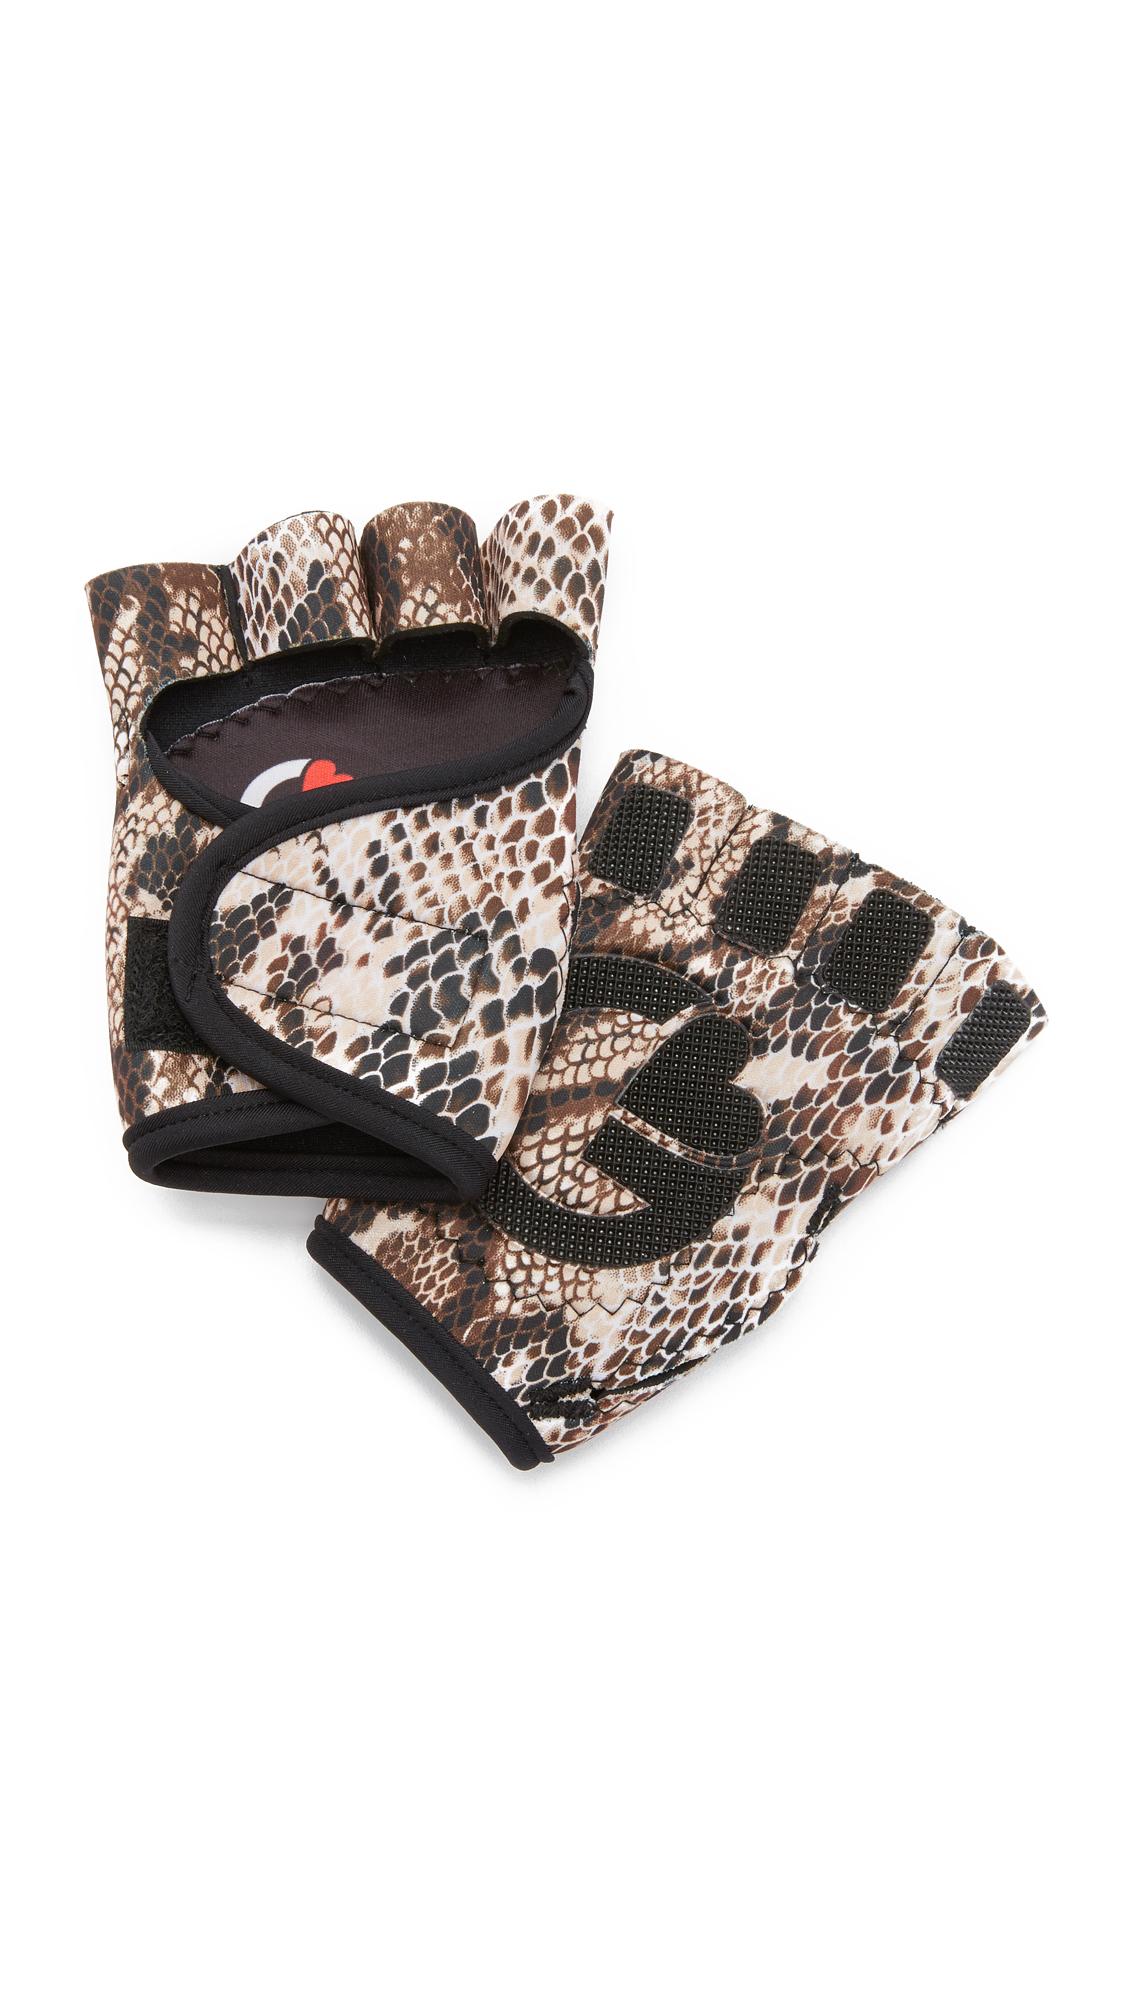 G-Loves I'M A Slave 4 U Workout Gloves - Black/White at Shopbop